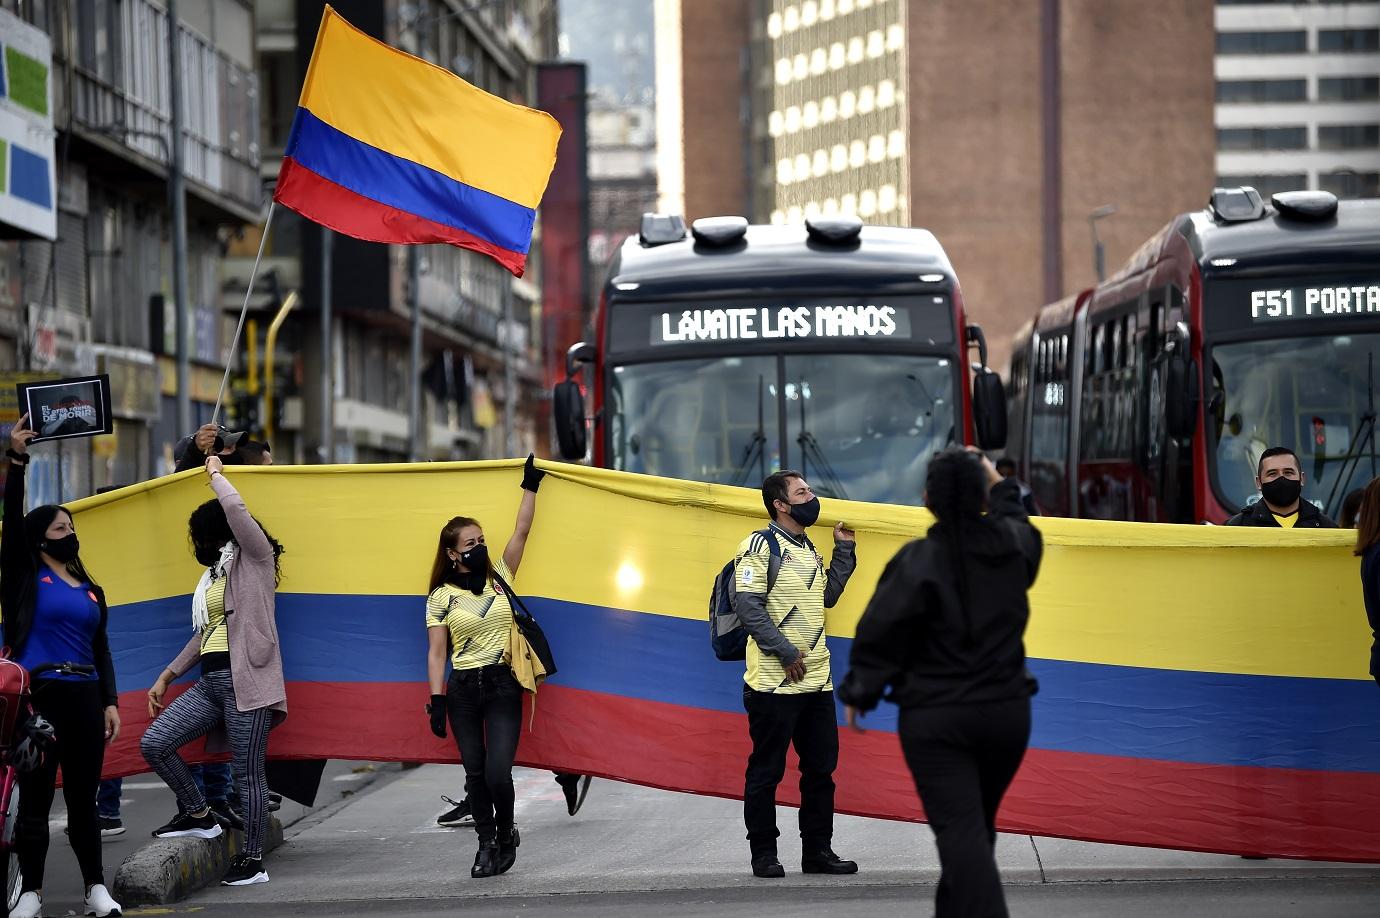 """""""Hoy propondremos al Ministerio de Salud que todo Bogotá termine cuarentena este jueves y empiece la nueva realidad donde podemos trabajar, socializar y estudiar"""", apuntó López. / AFP"""